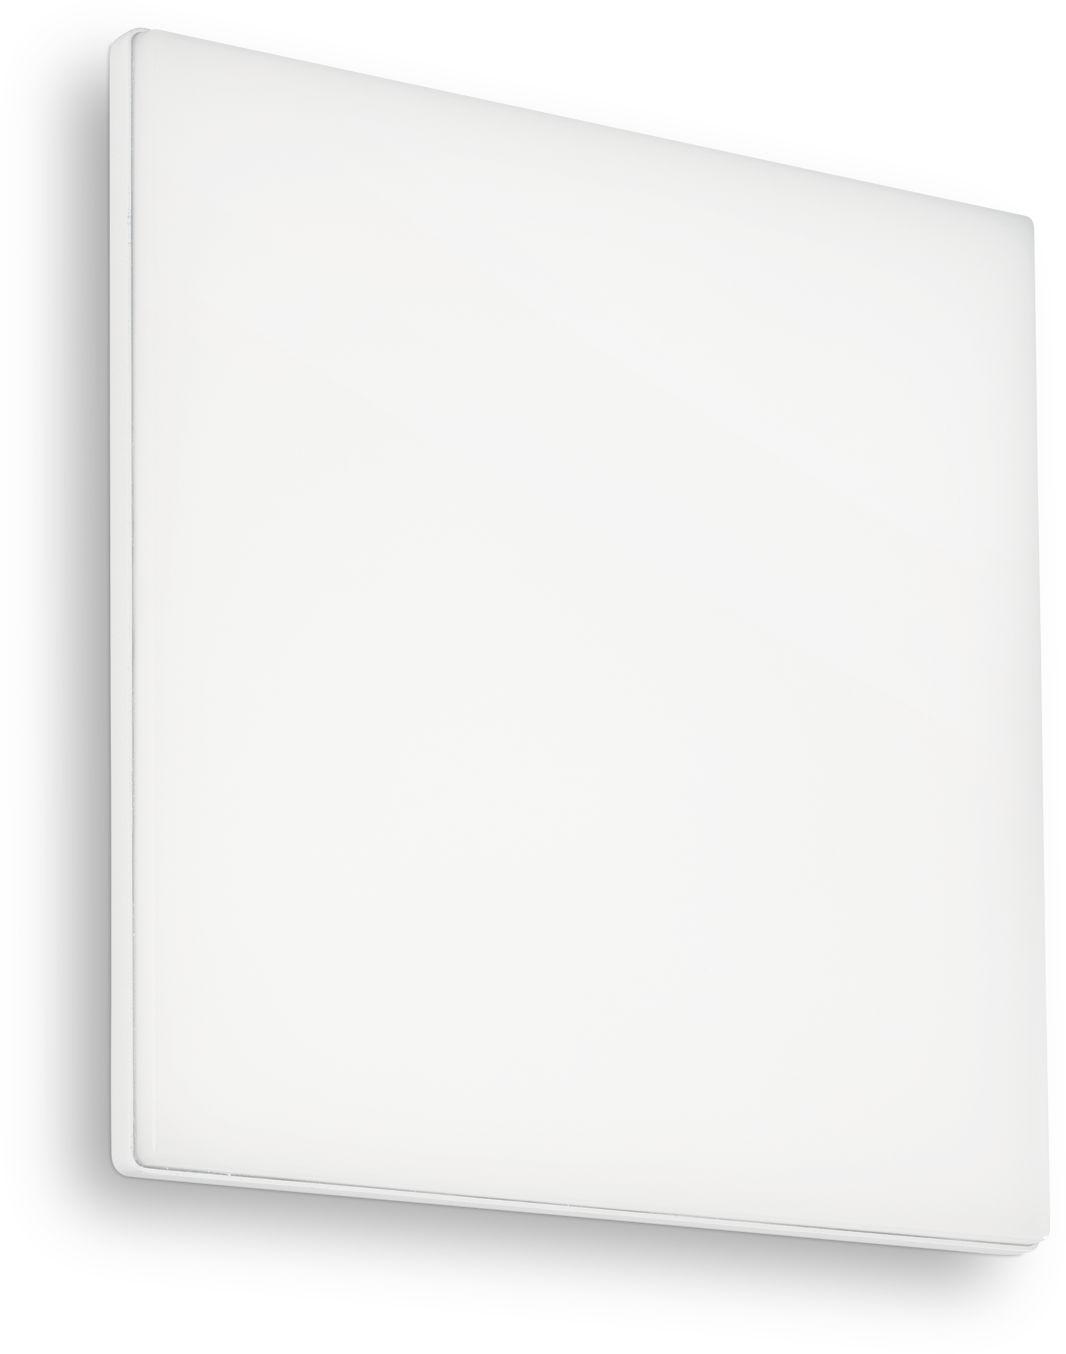 Plafon Mib PL1 Square 202921 Ideal Lux nowoczesna oprawa zewnętrzna w kolorze białym